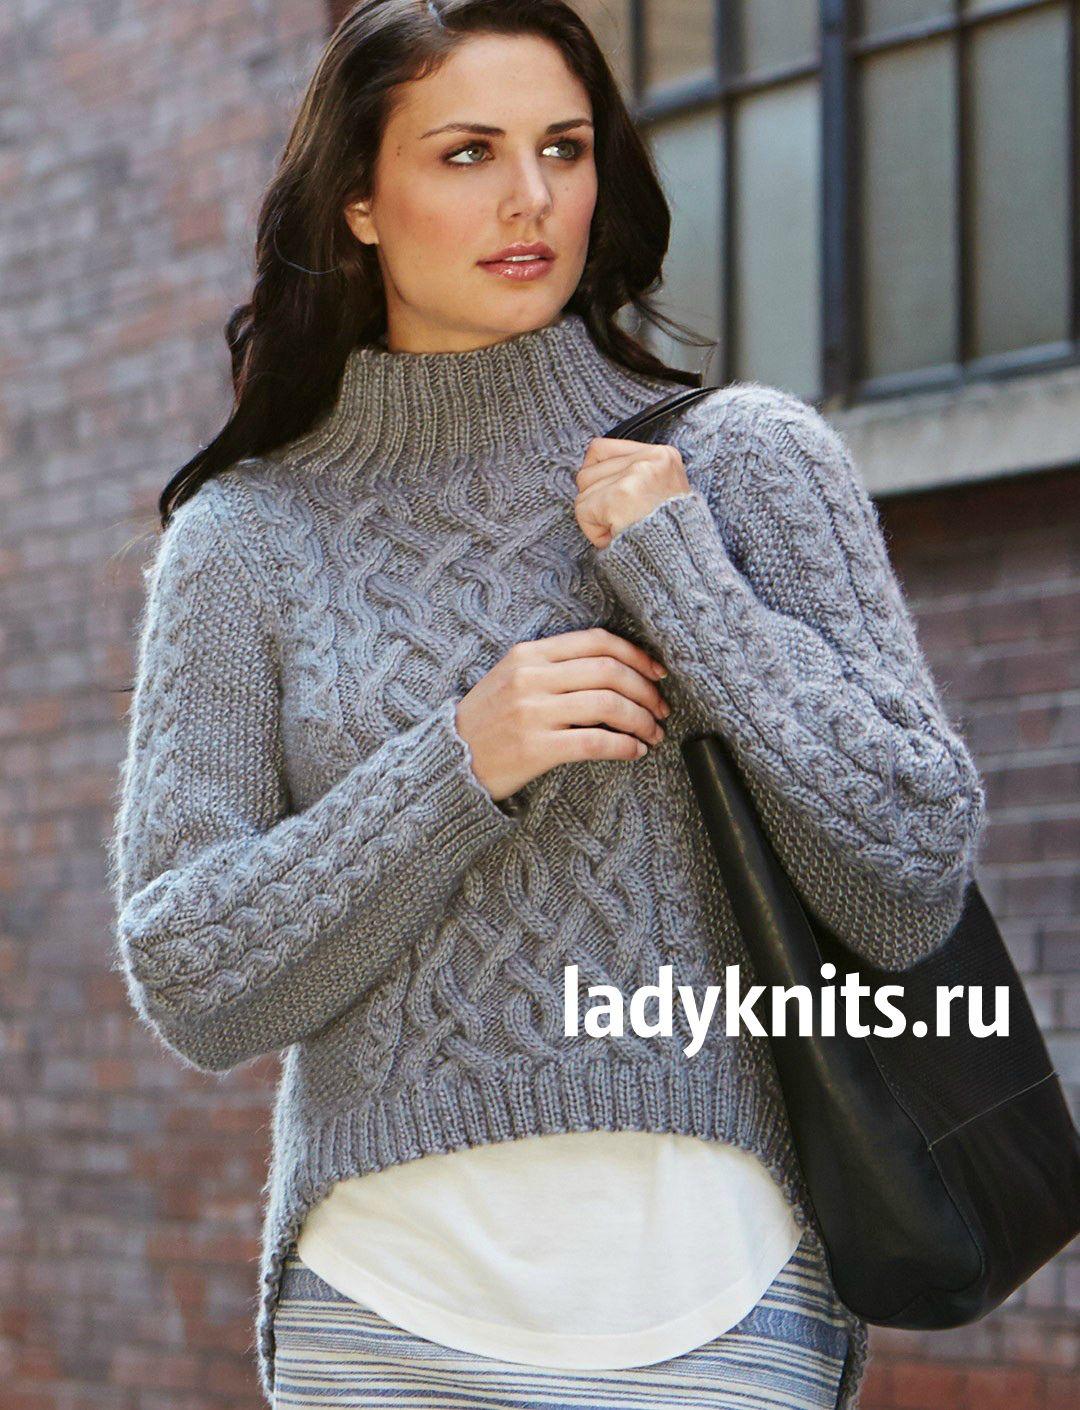 Как связать большой свитер спицами